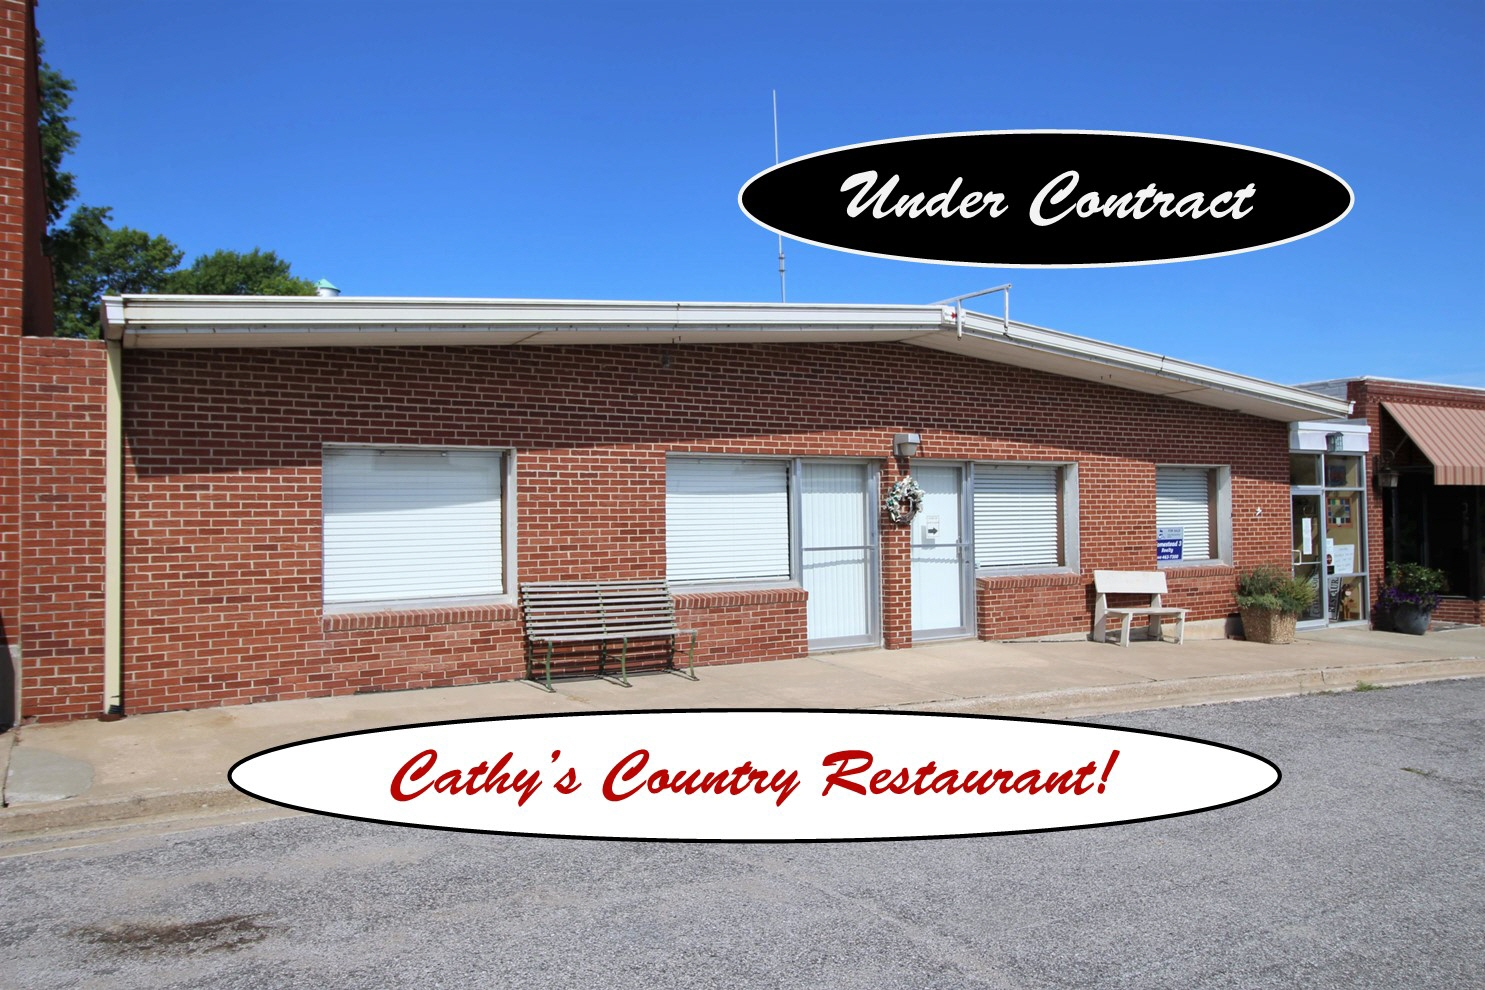 110 S County Road, Alma, MO, 64001 United States